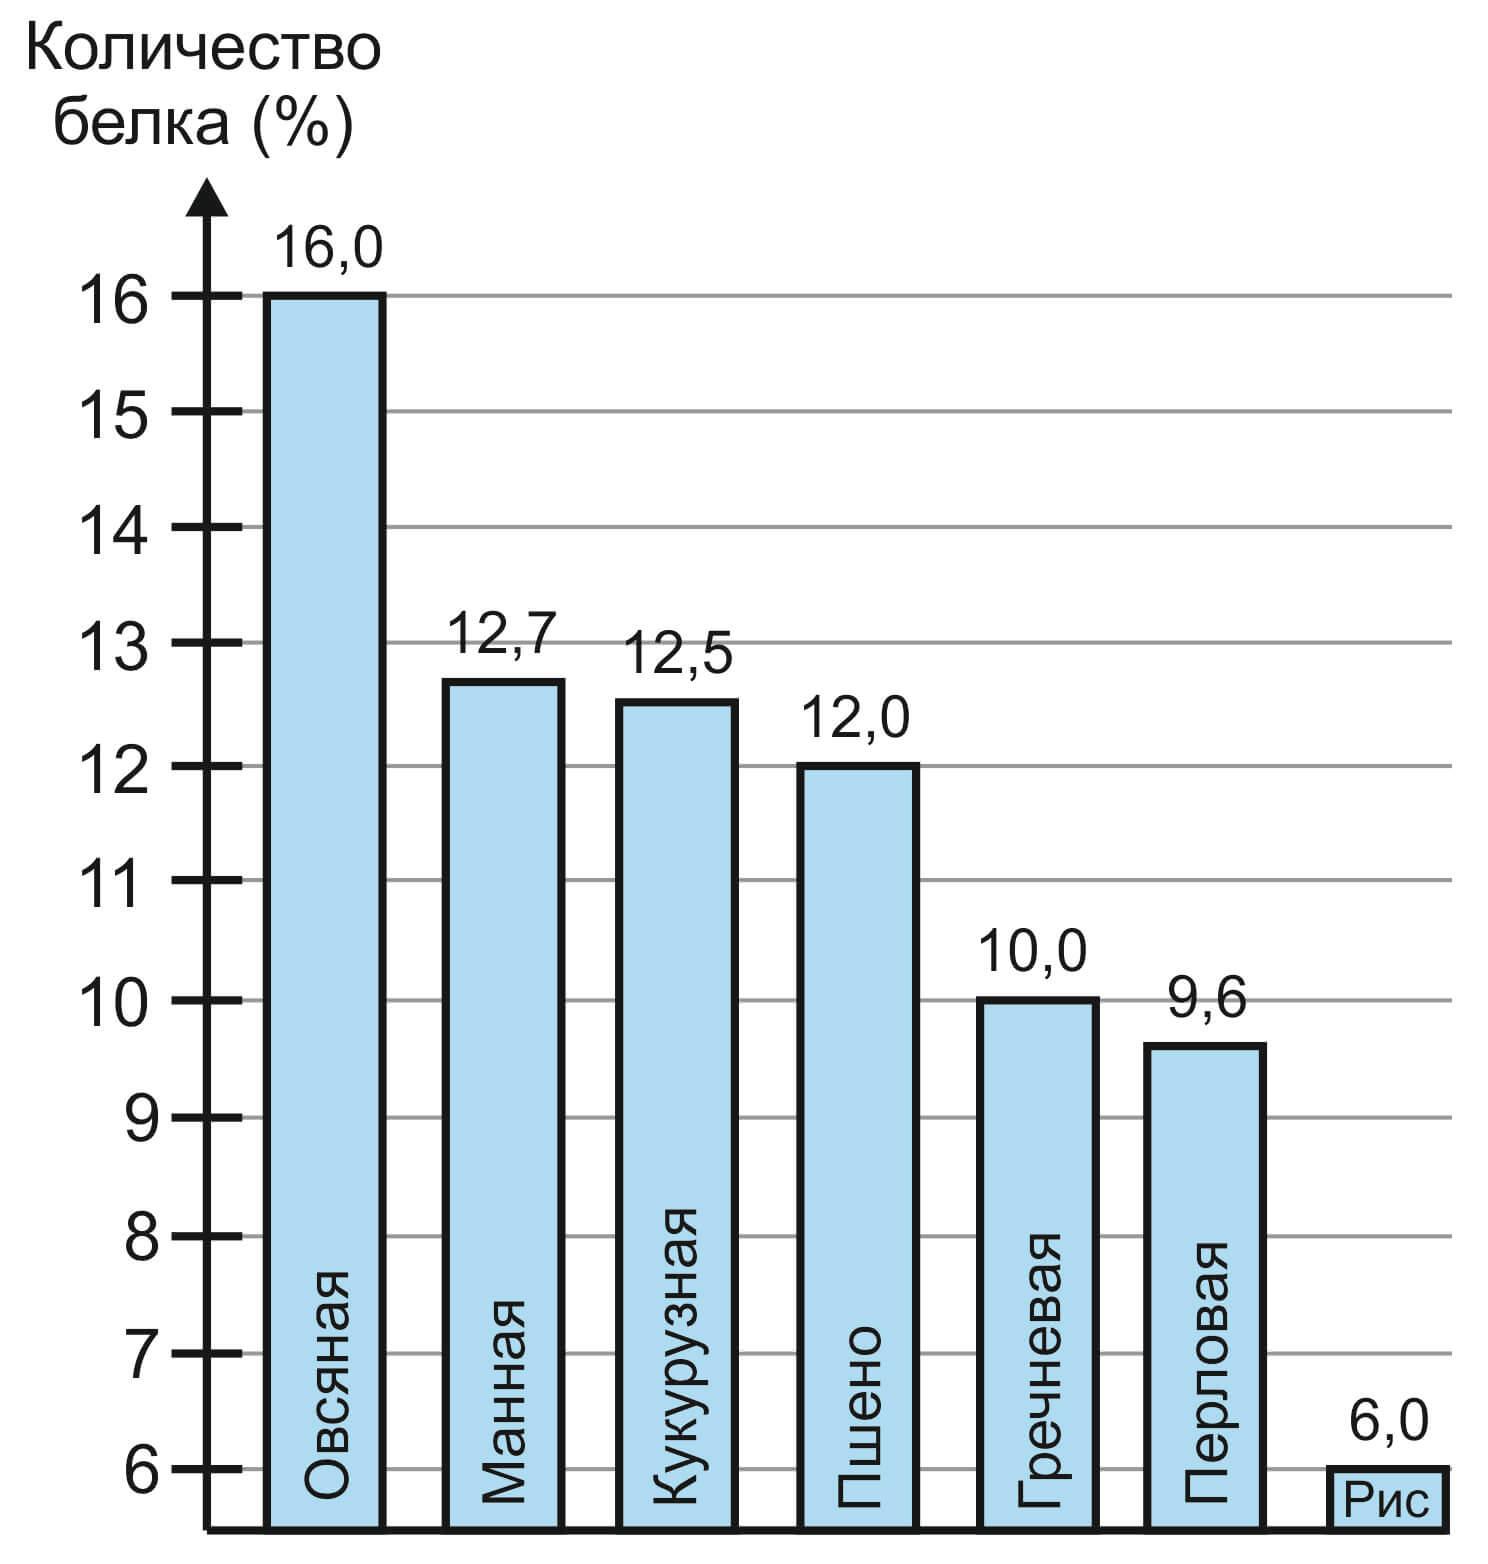 Количество белка в различных крупах